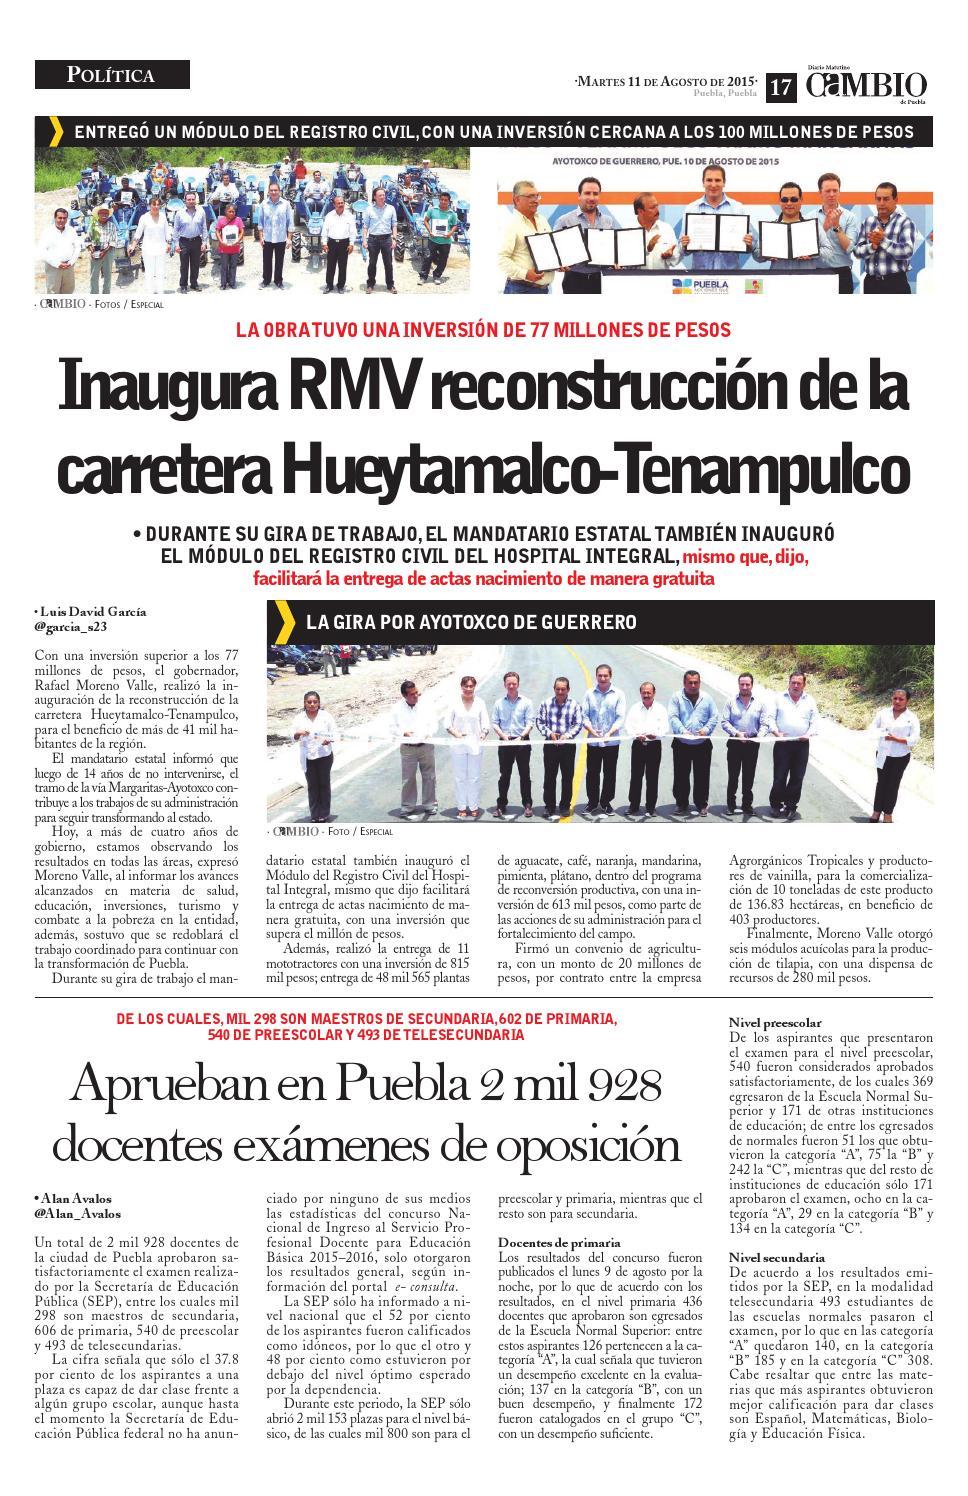 Diario Cambio By Diario Cambio Issuu